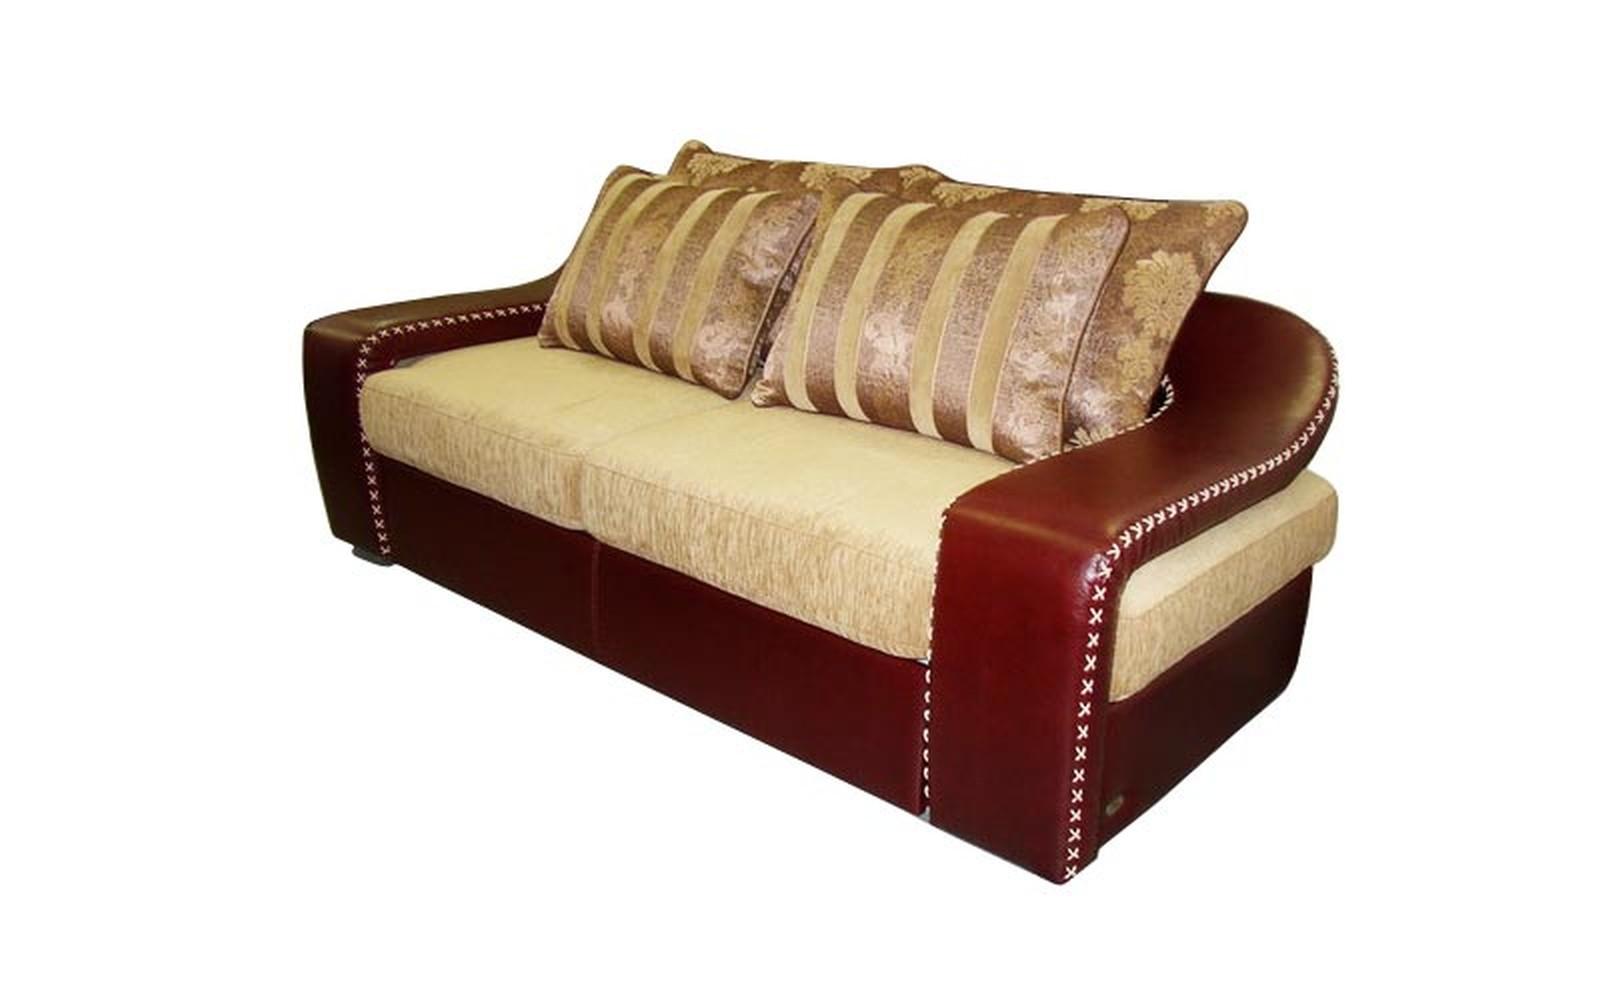 капри диван ульяновская фабрика мебели фото мнение, что помощи